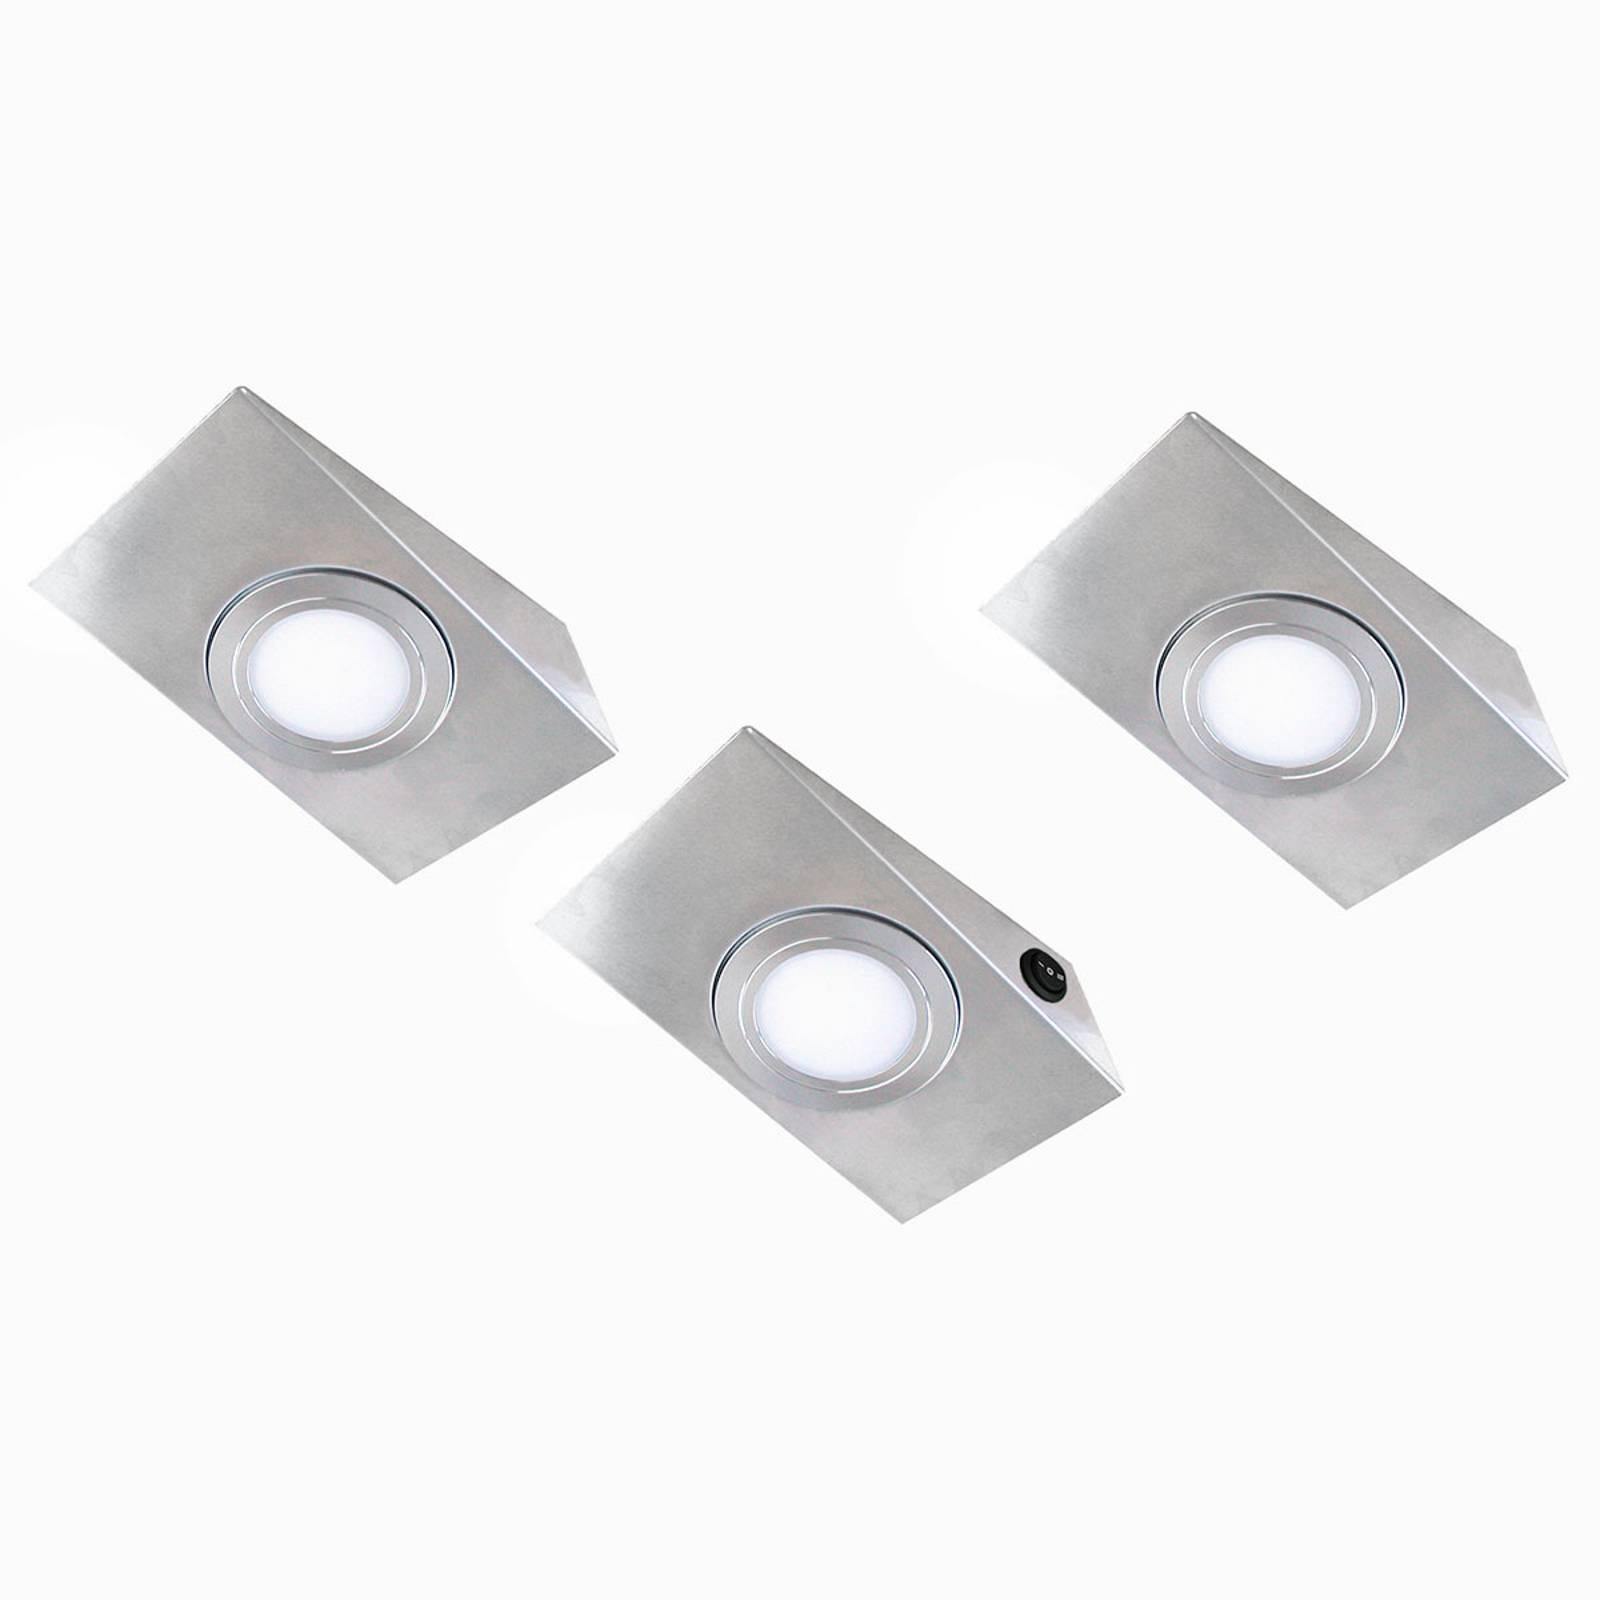 LED-kaapinalusvalo Keili, 3 kpl 2-vaiheinen kytkin